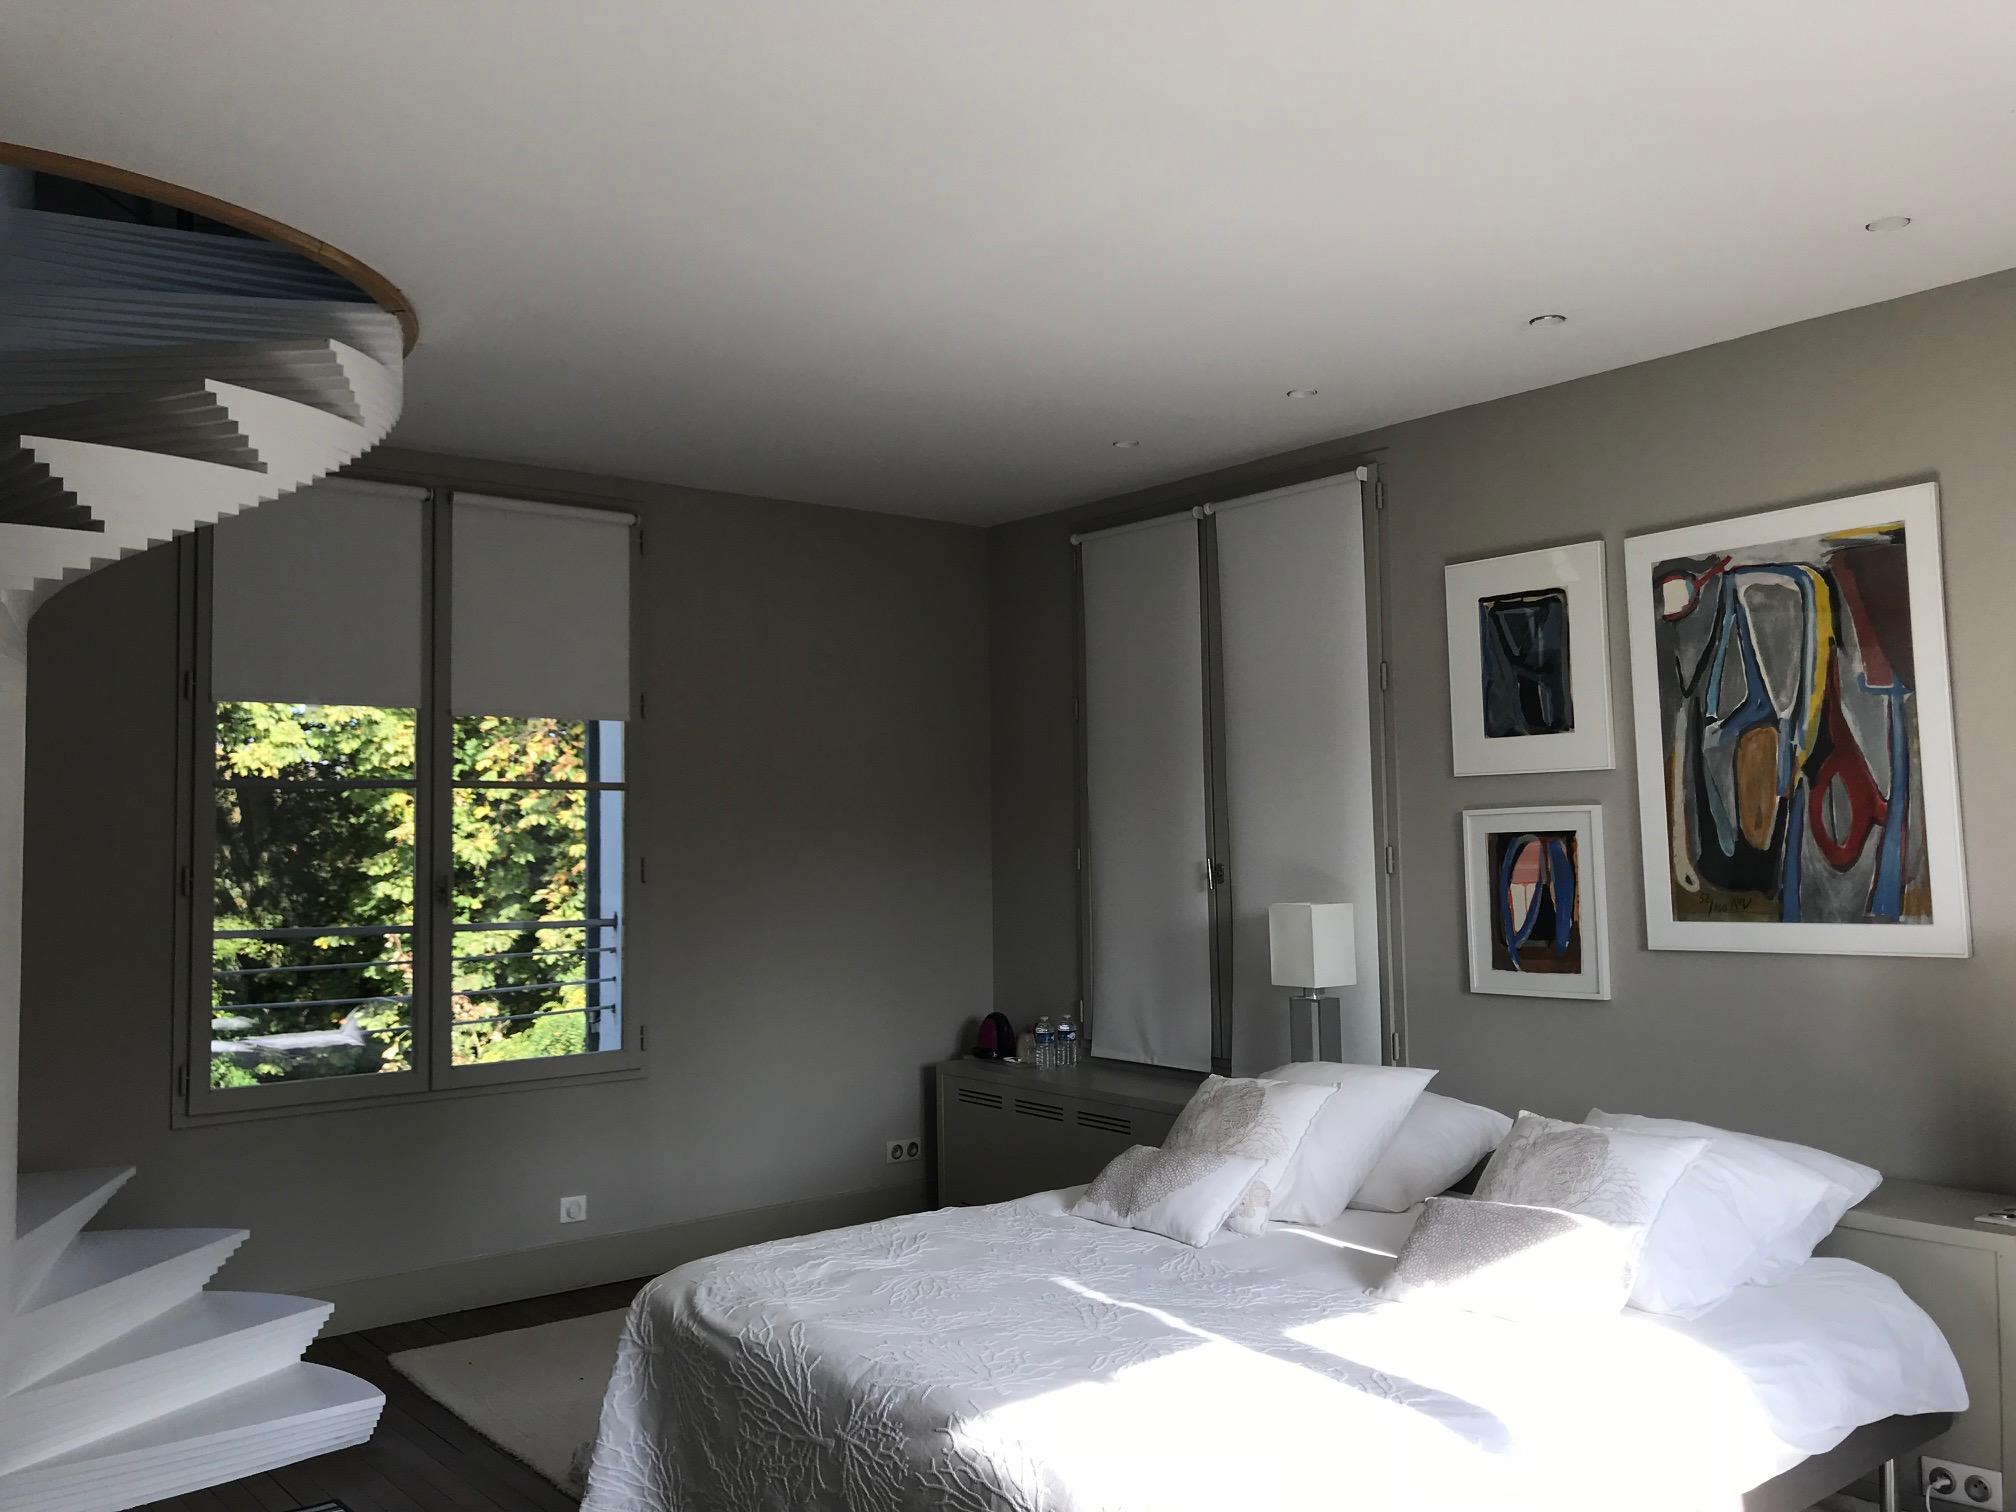 room 1 IMG_5668.jpg